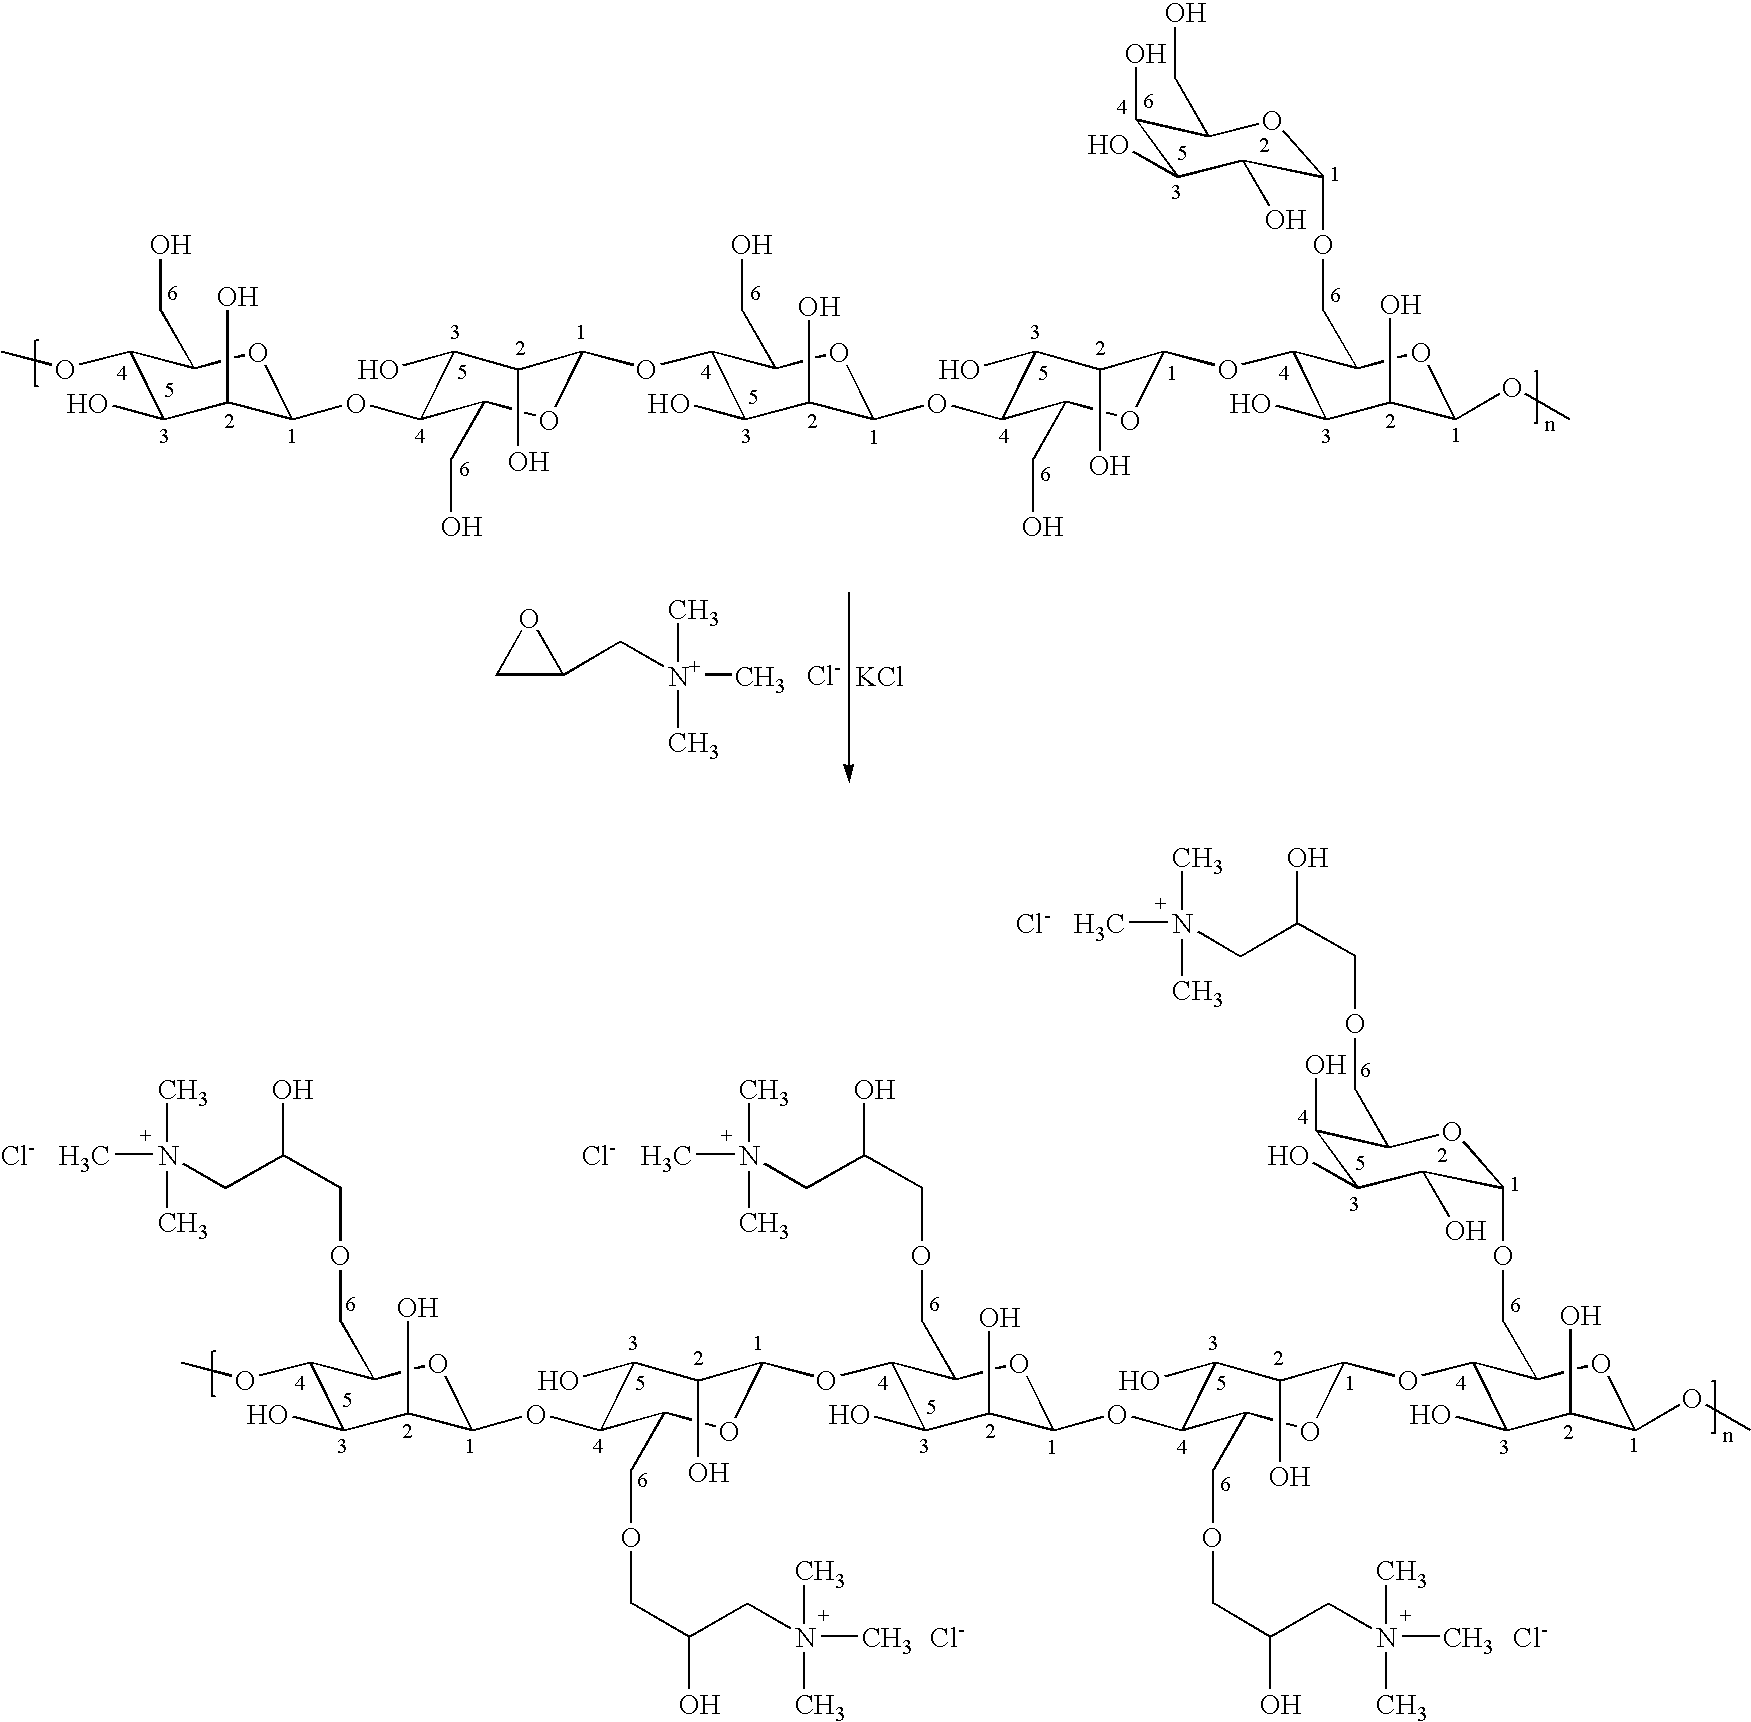 Figure US20090010855A1-20090108-C00006